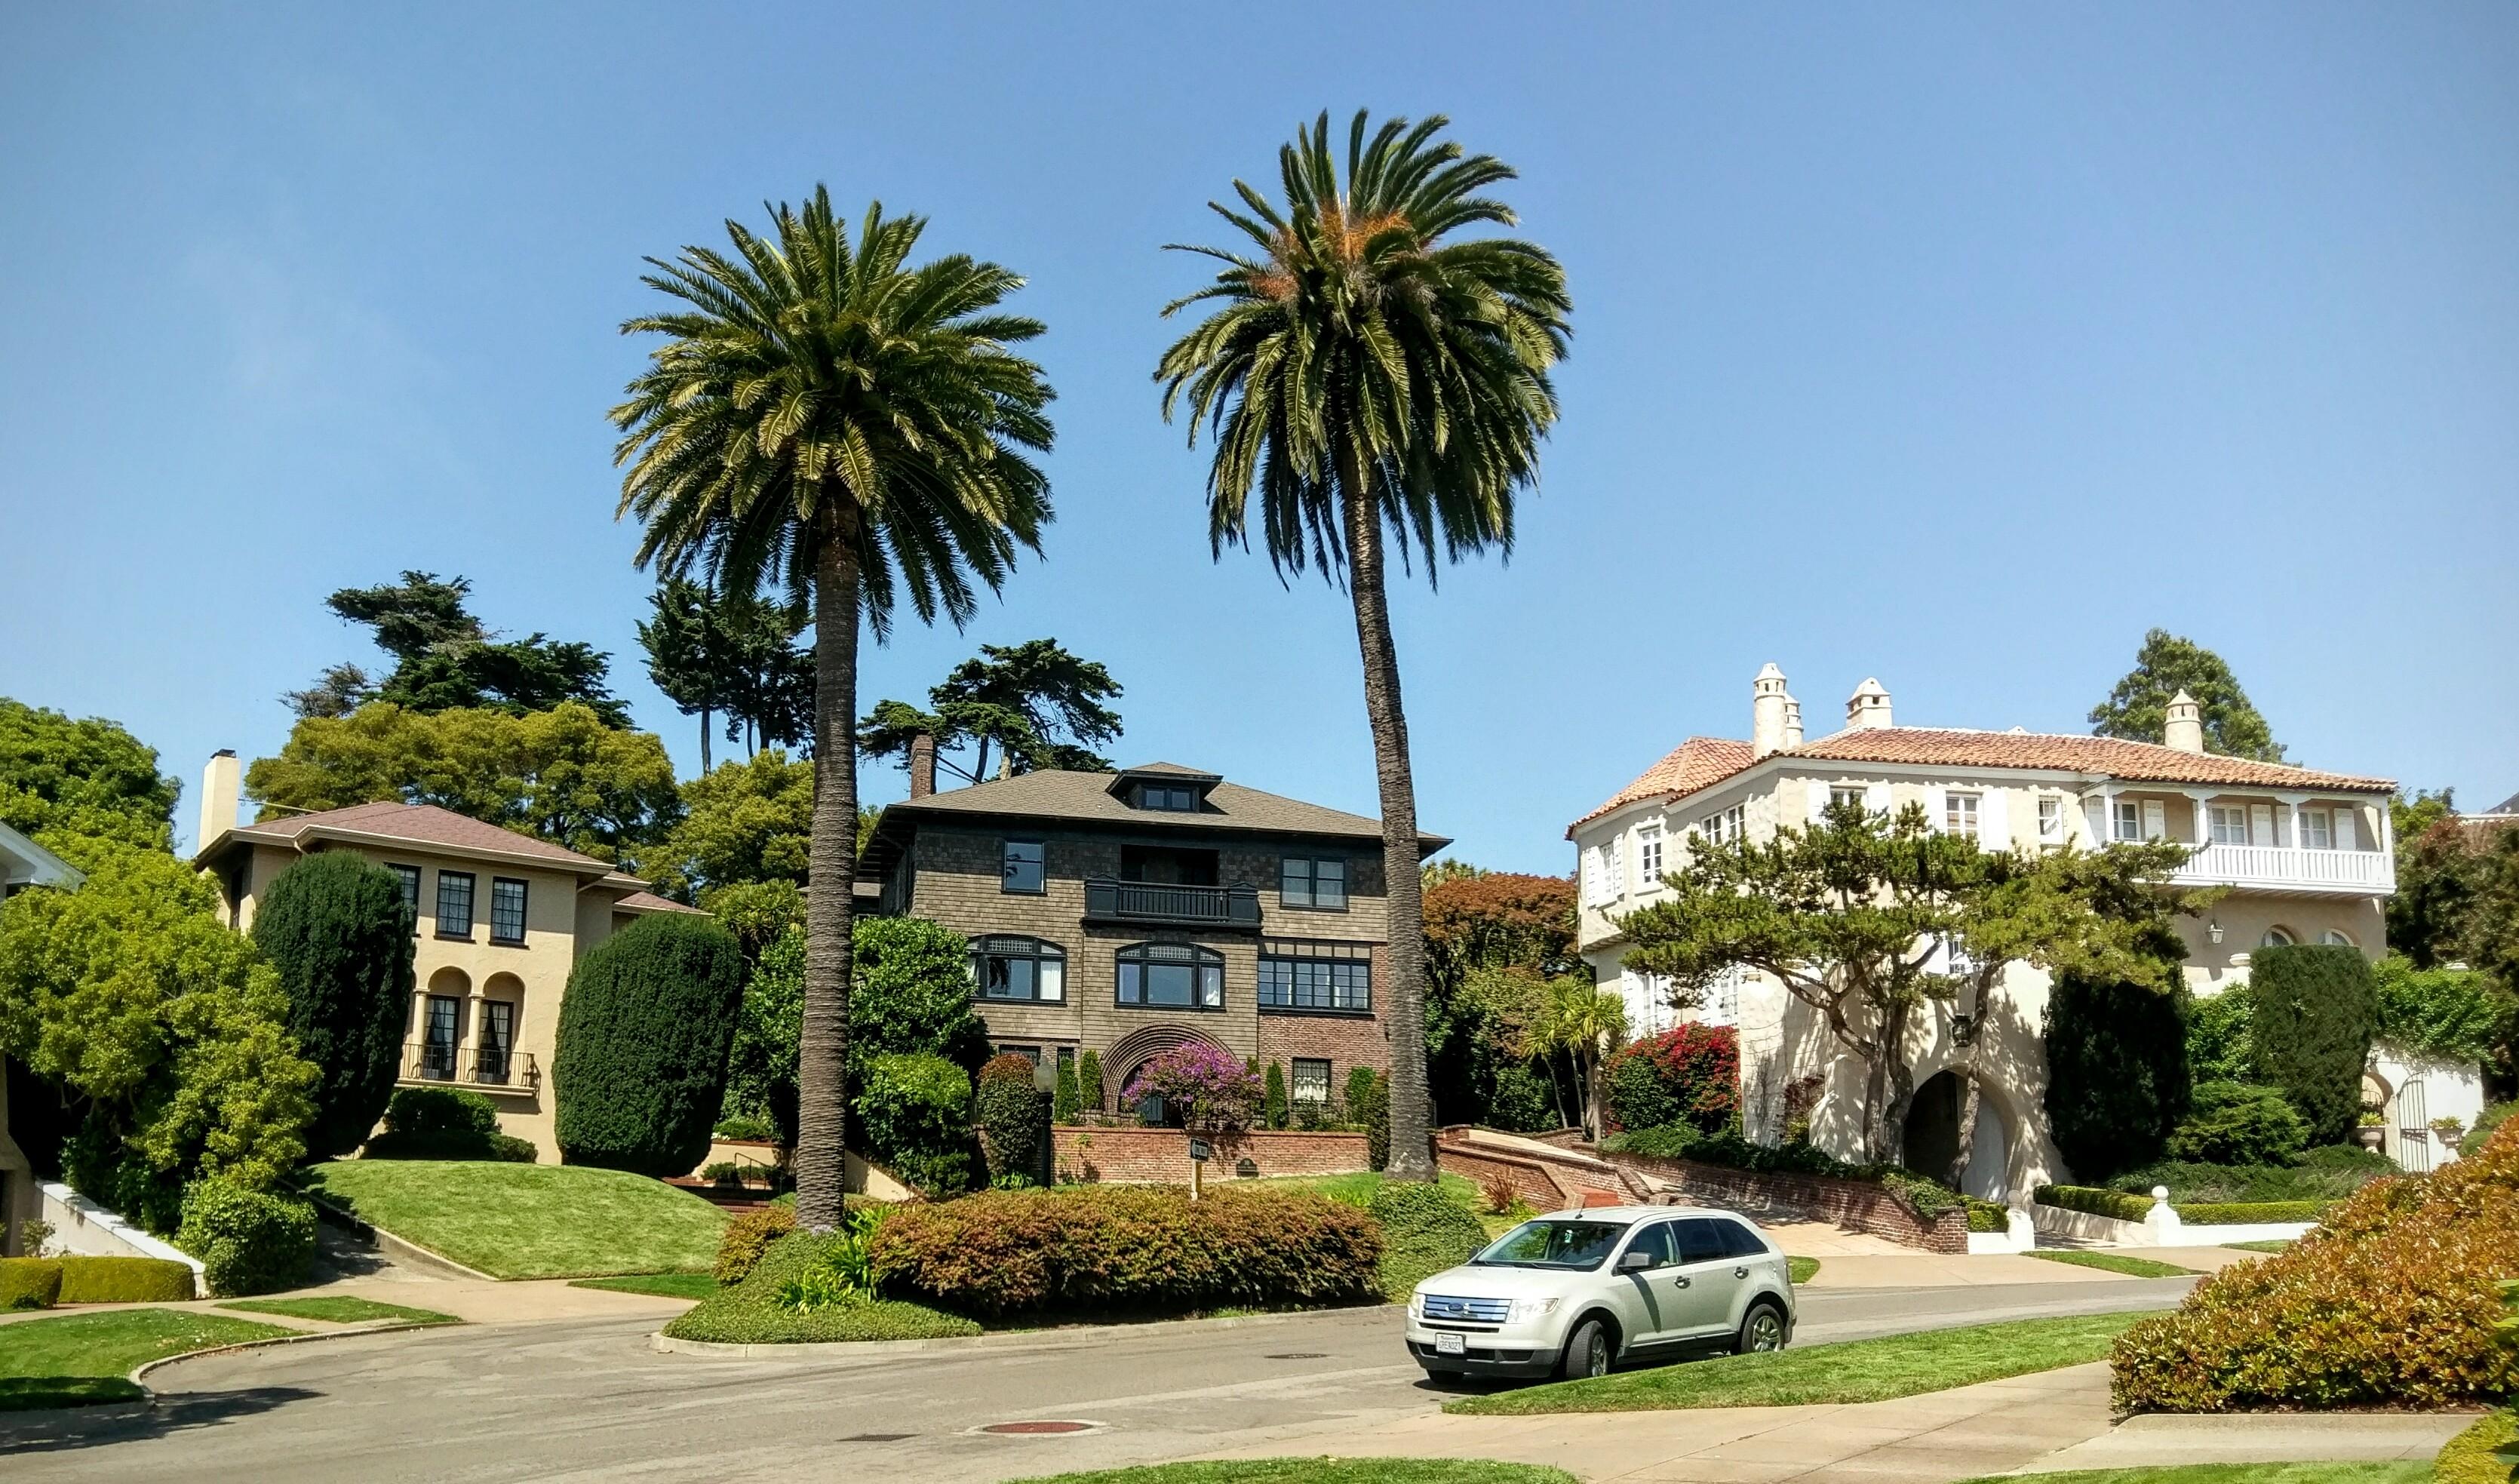 華裔夫婦買下的環形豪宅街。(取自維基百科 )